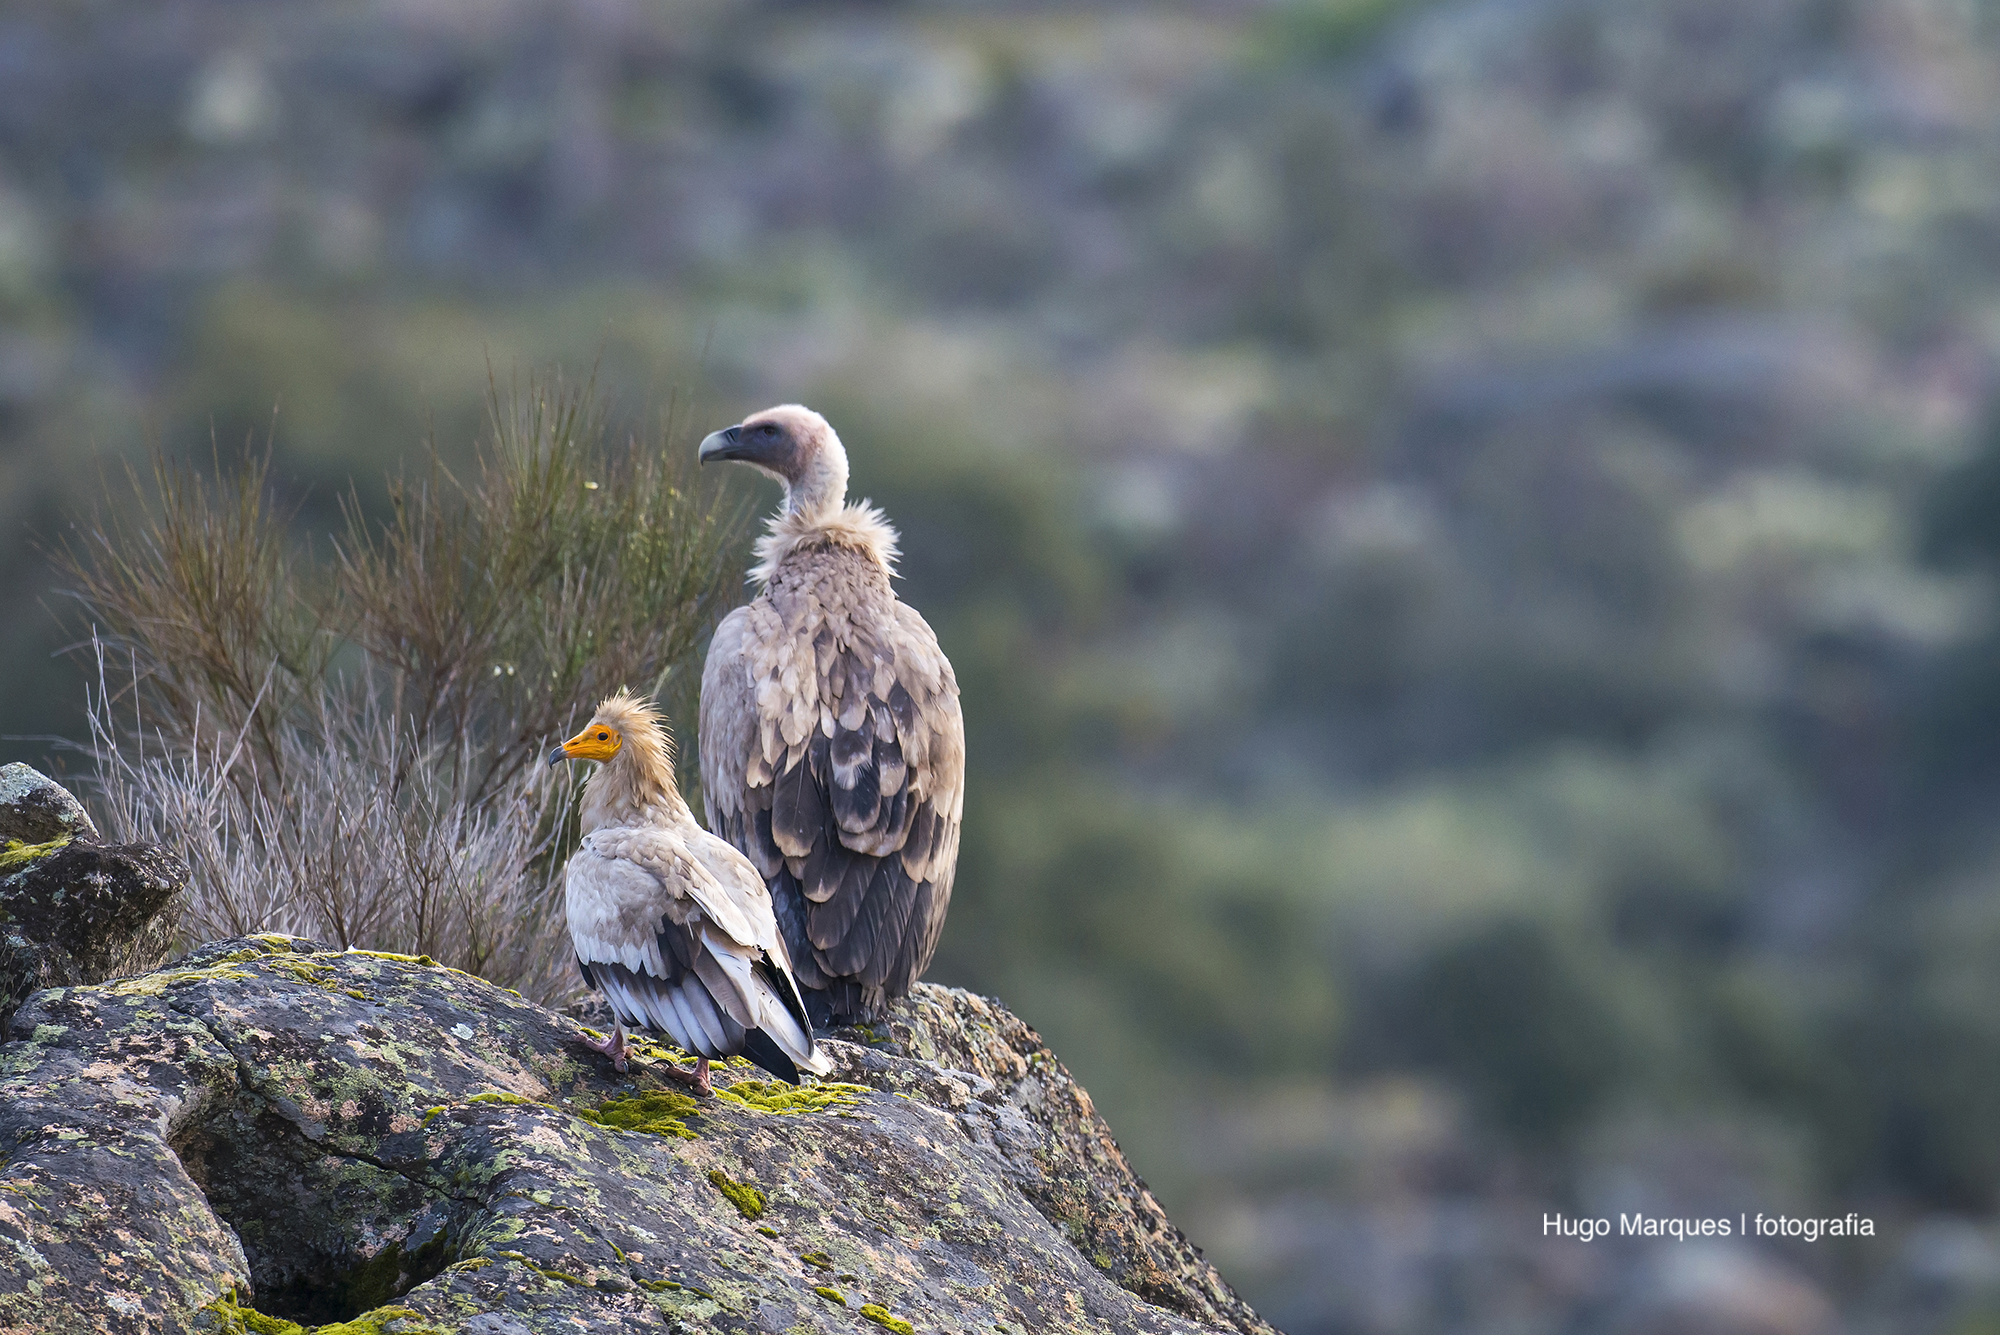 Mitos e verdades sobre os abutres